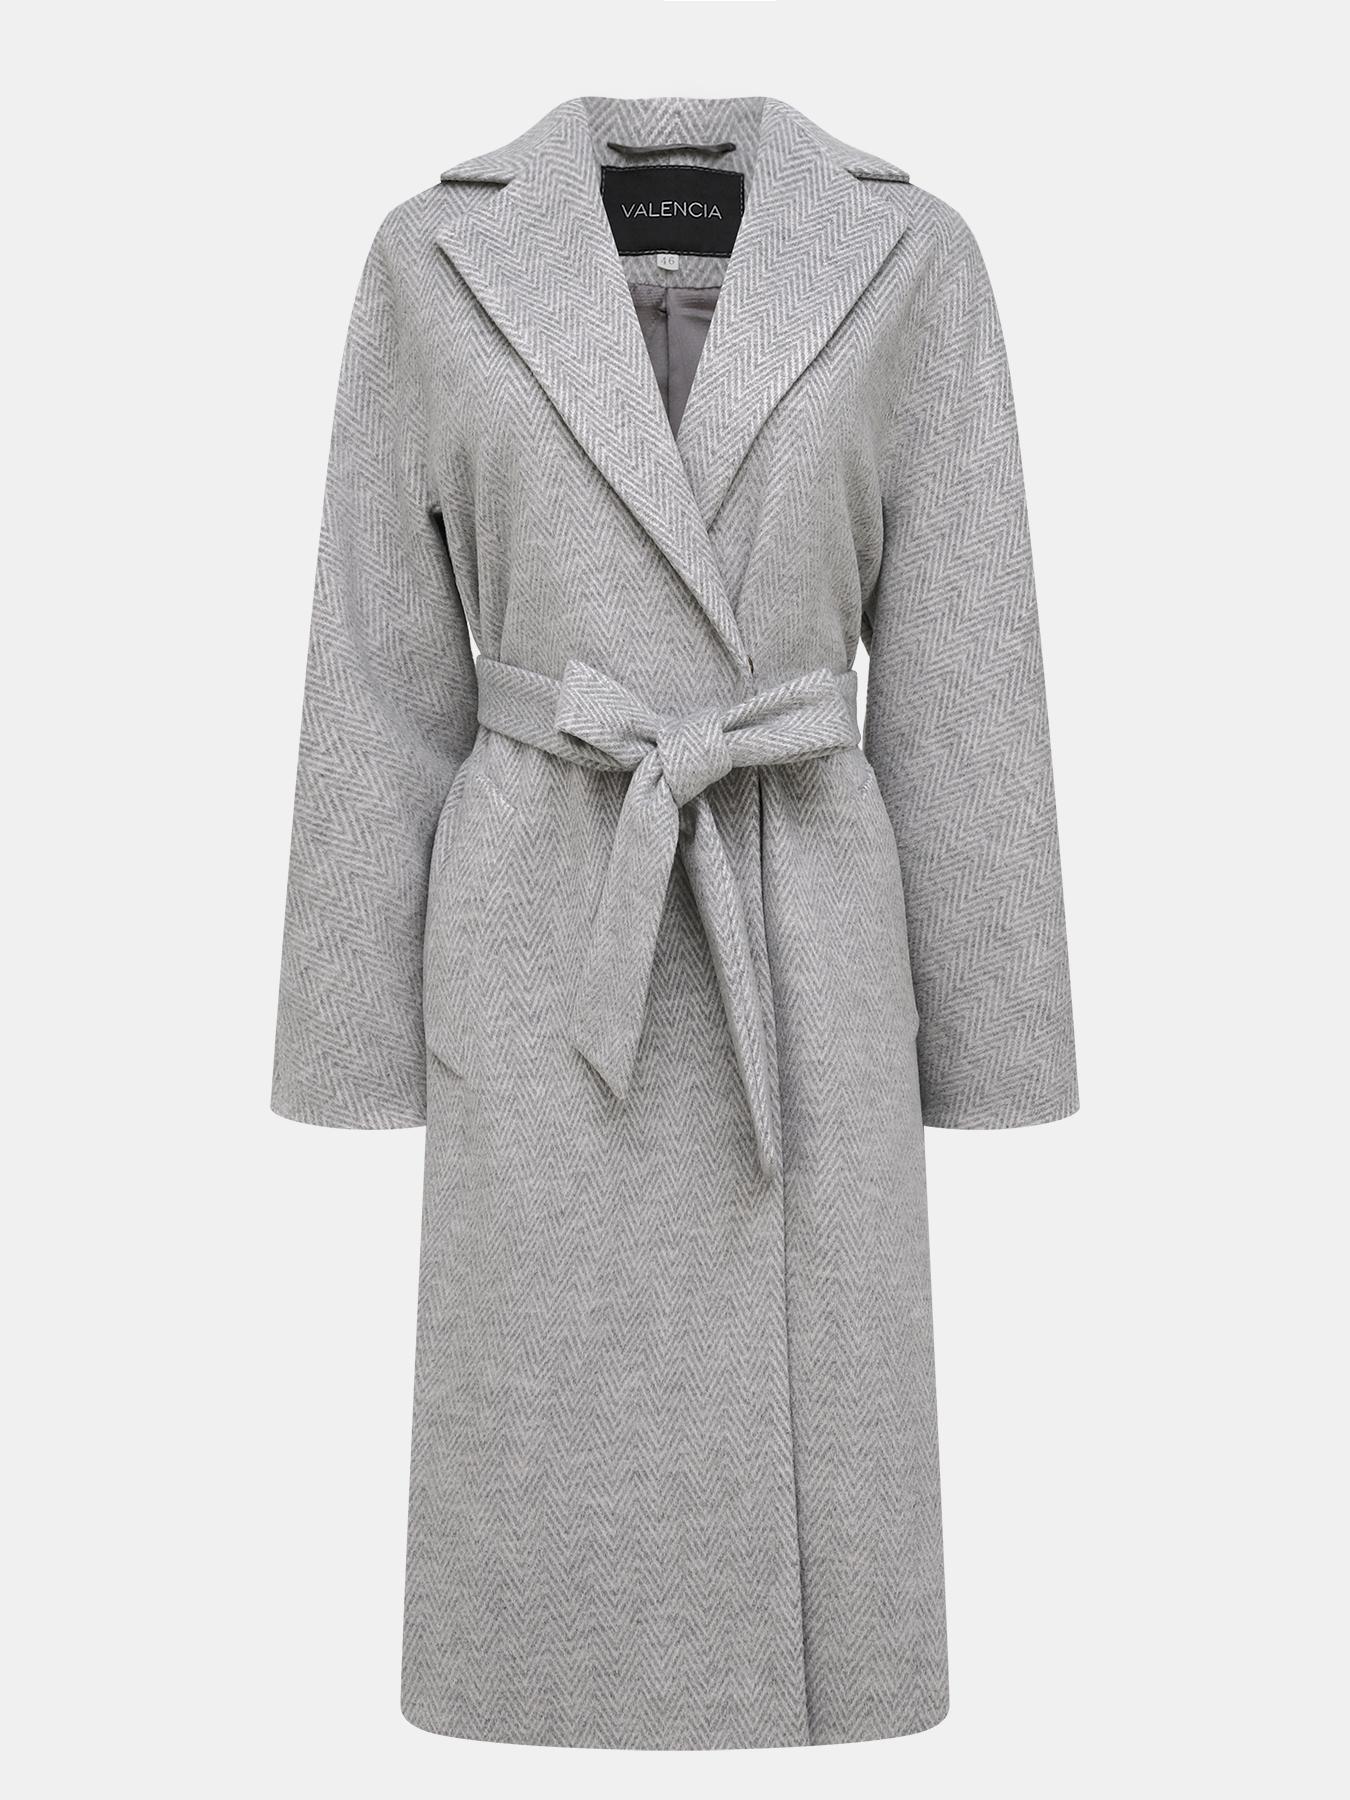 Пальто VALENCIA Пальто